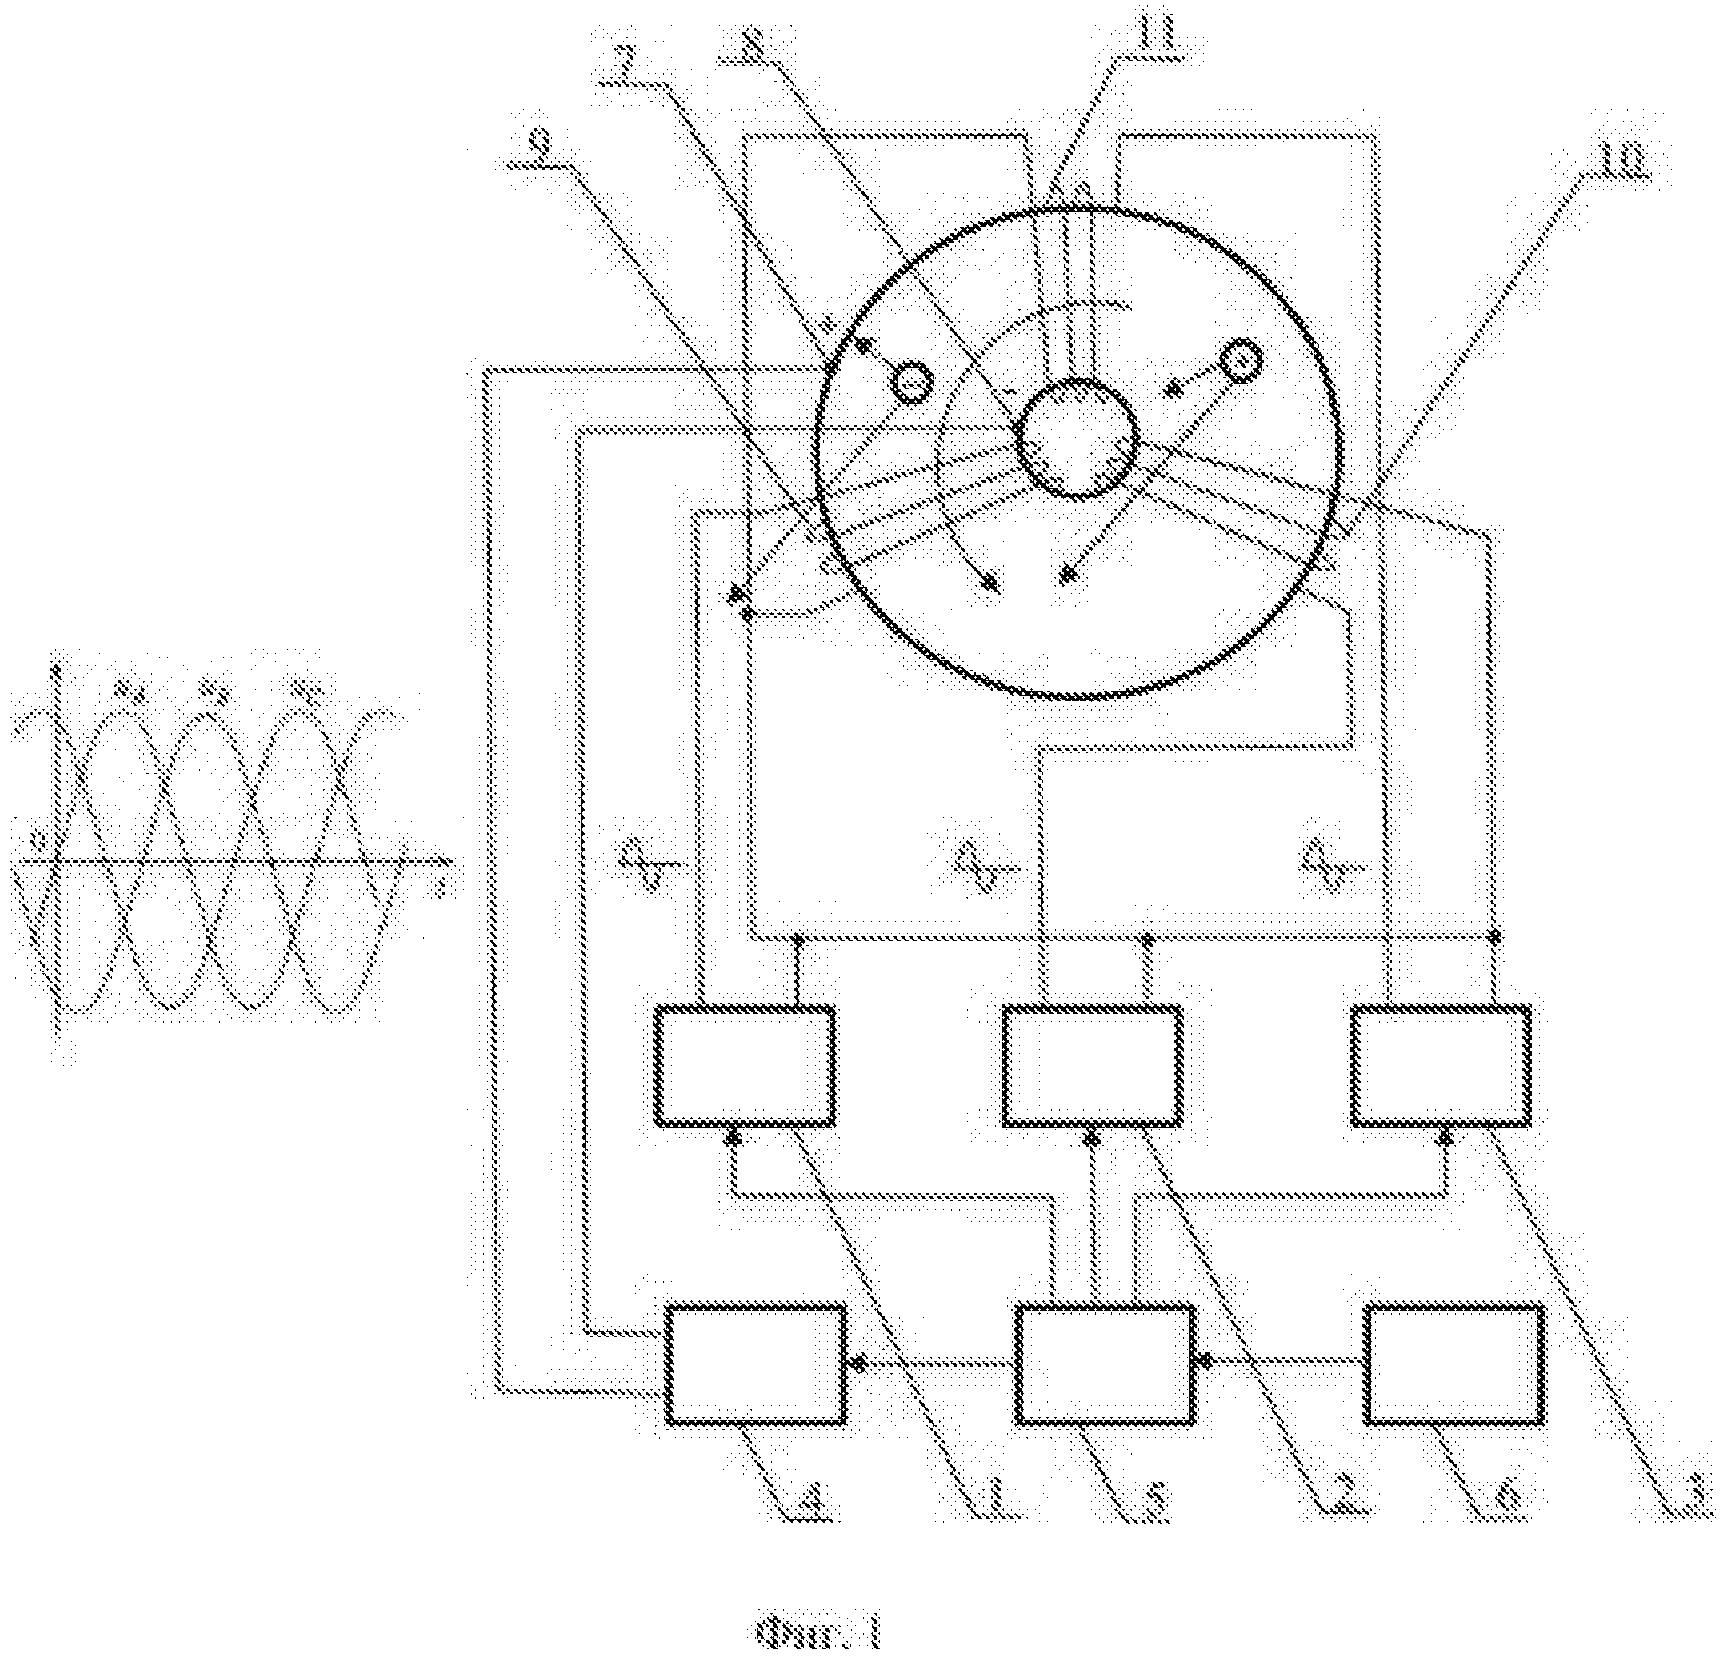 Магнитогидродинамический программно-управляемый вихревой двигатель для морских микродронов